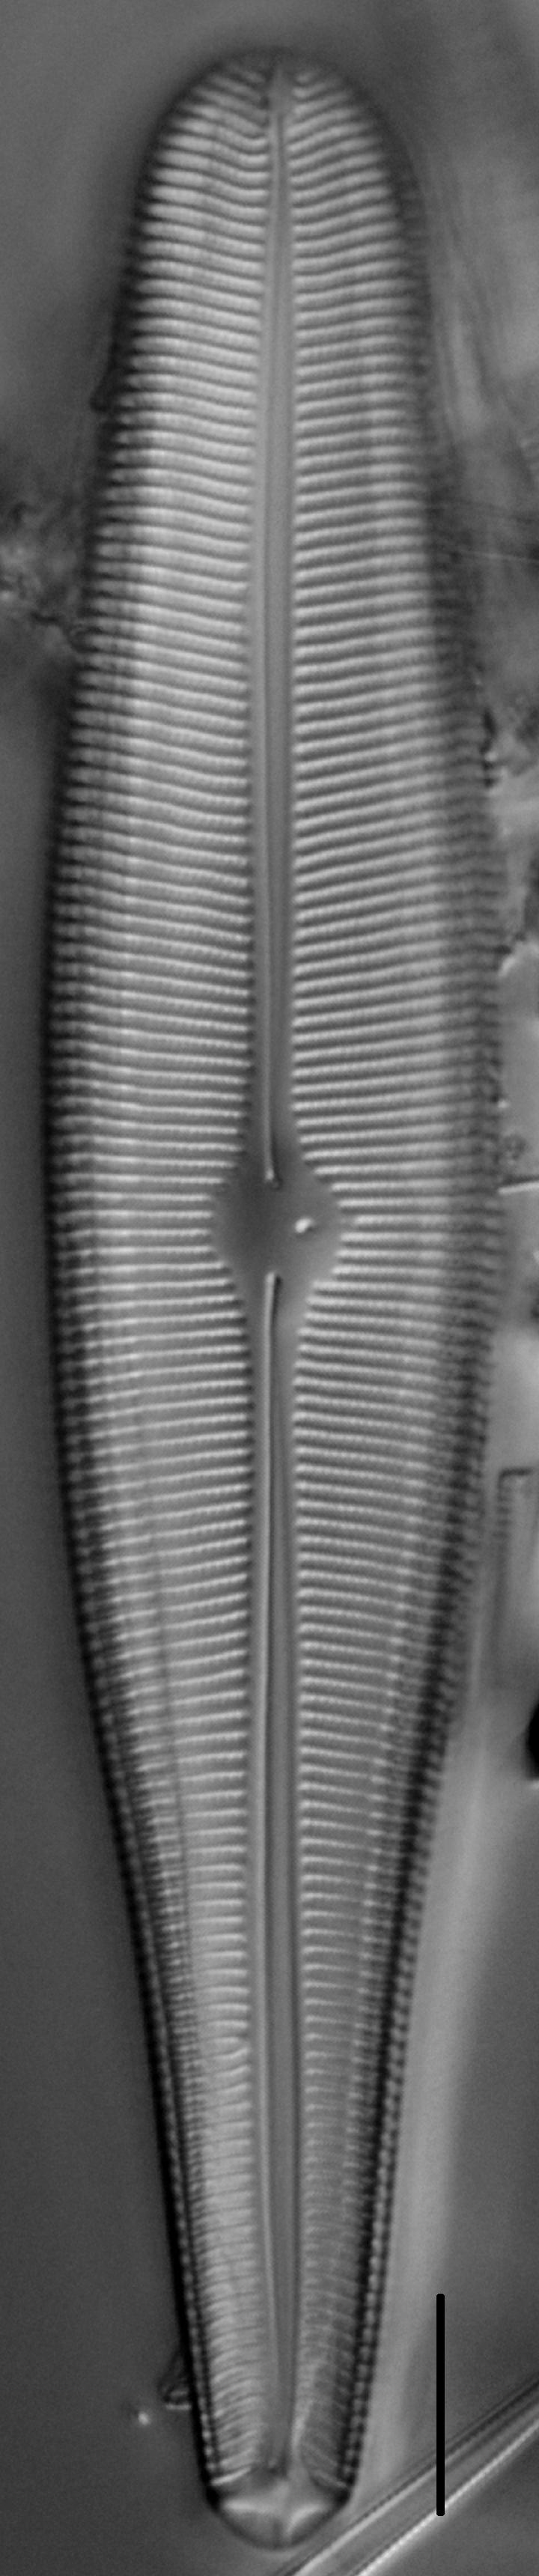 Gomphoneis herculeana var. abundans LM4